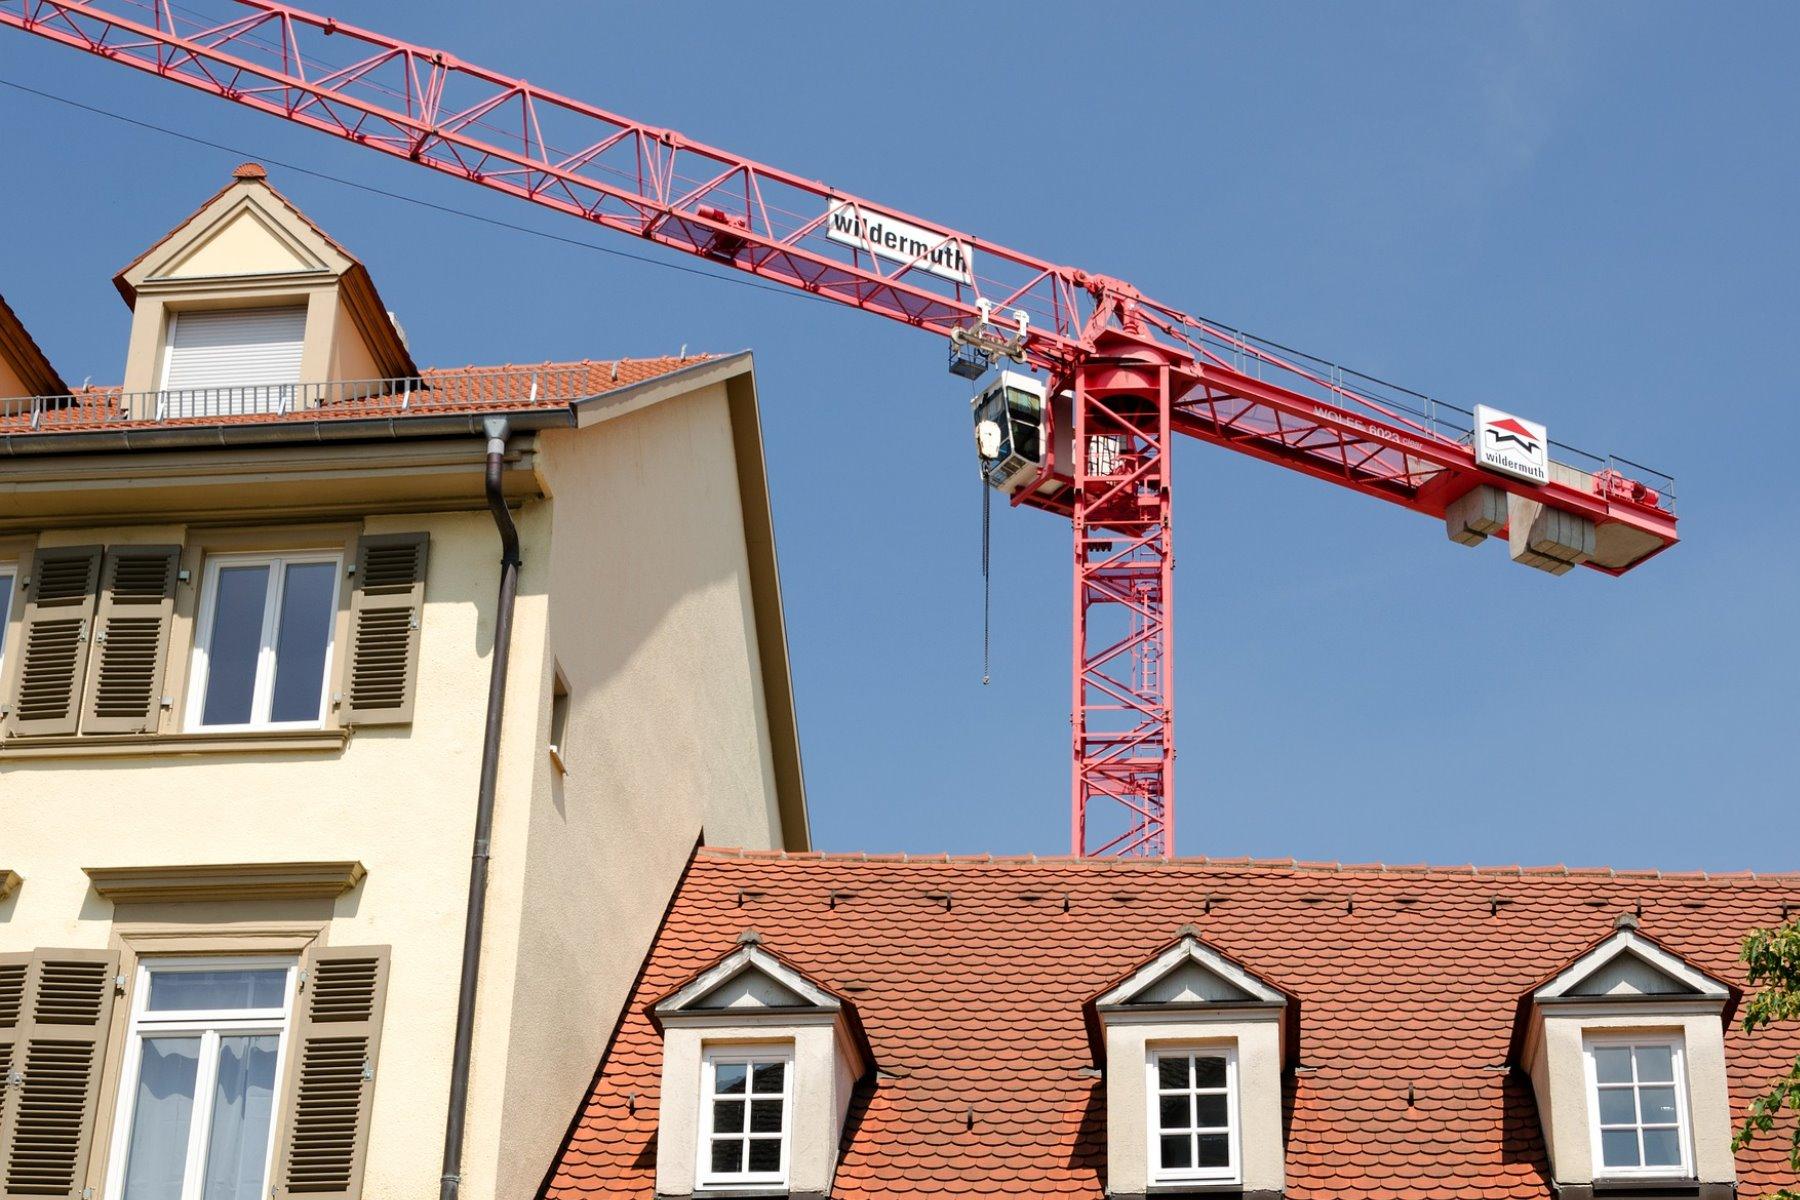 Anfrage | Beschluss der Landesregierung Nr. 422: Änderung der 1. Durchführungsverordnung zum Wohnbauförderungsgesetz